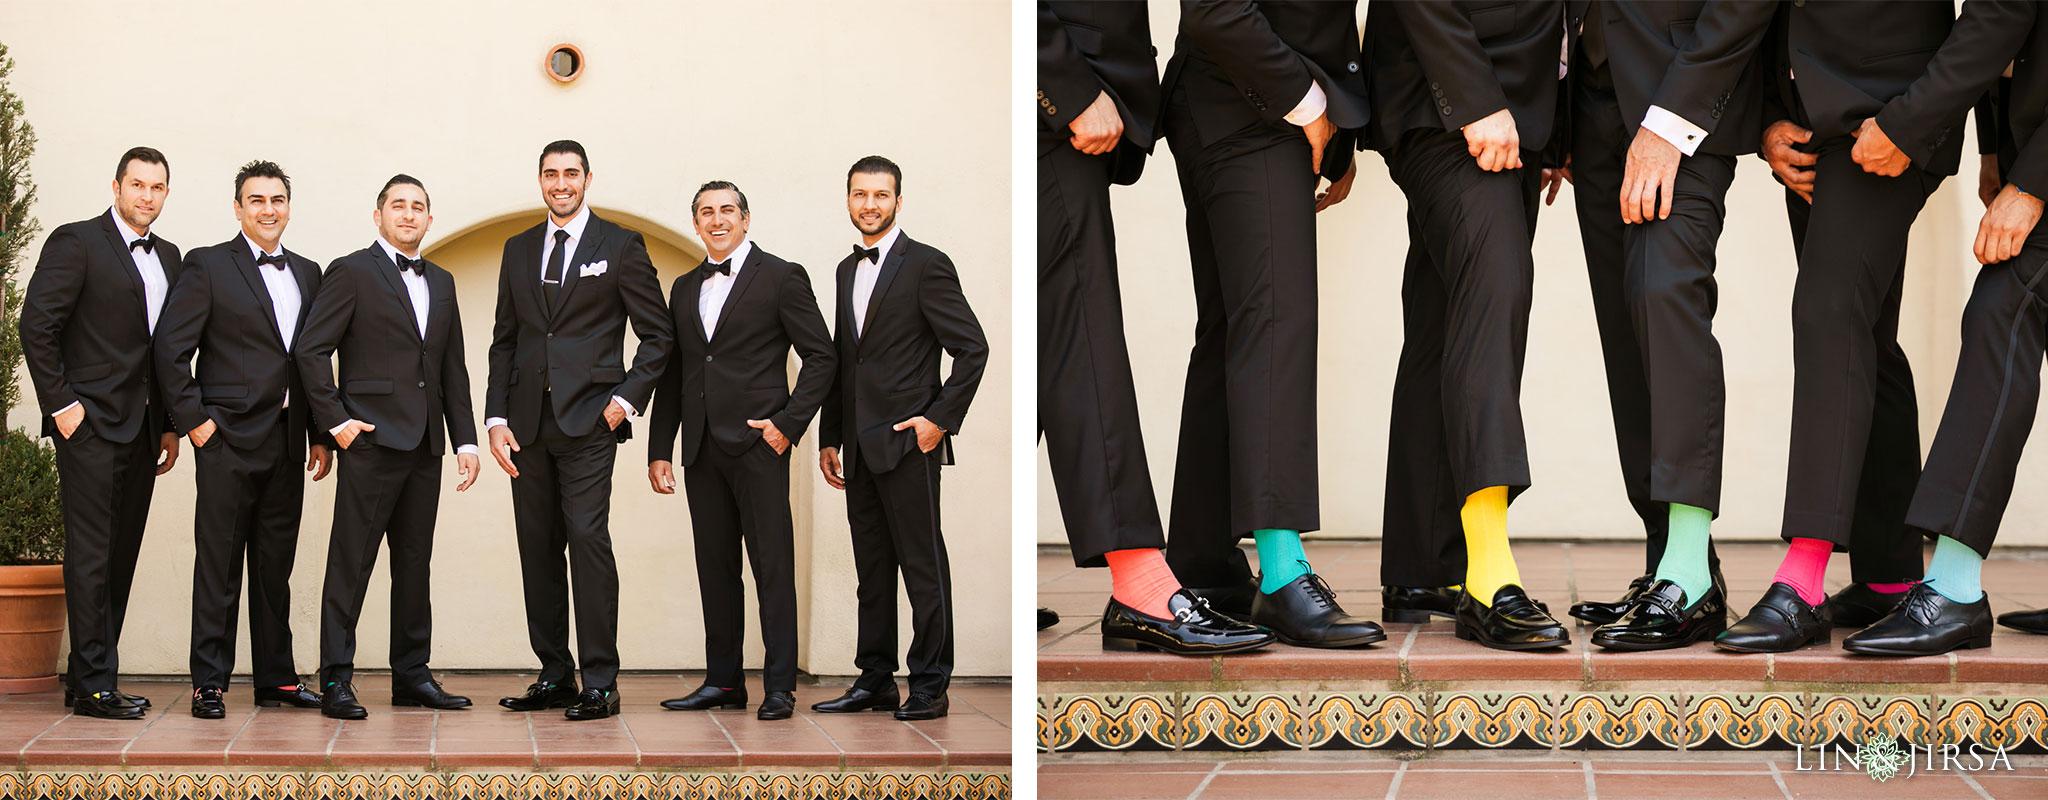 020 estancia la jolla hotel spa persian wedding photography